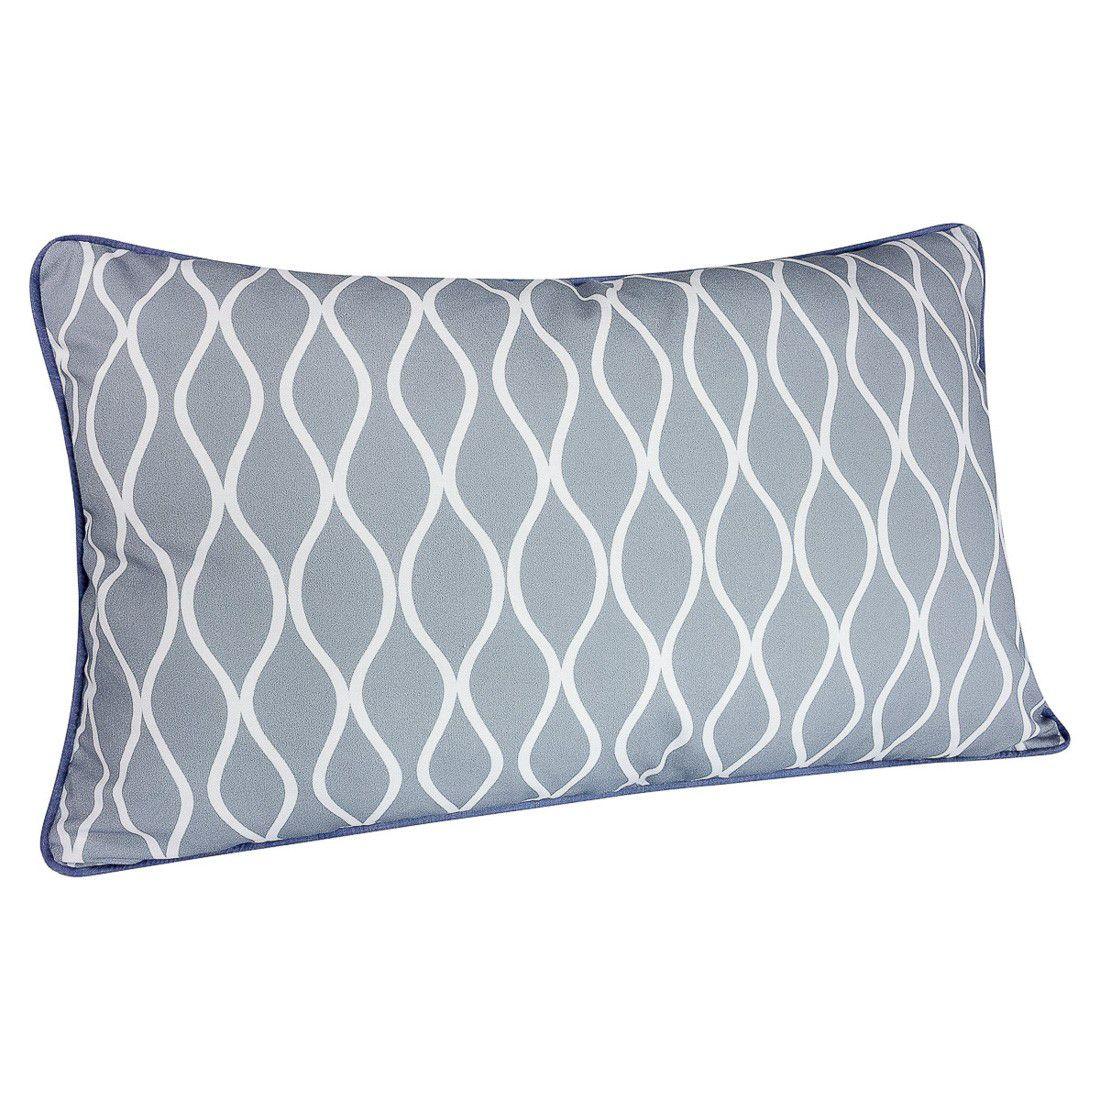 CAPA de almofada de cabeceira ondas cinza  60x40cm com azul jeans